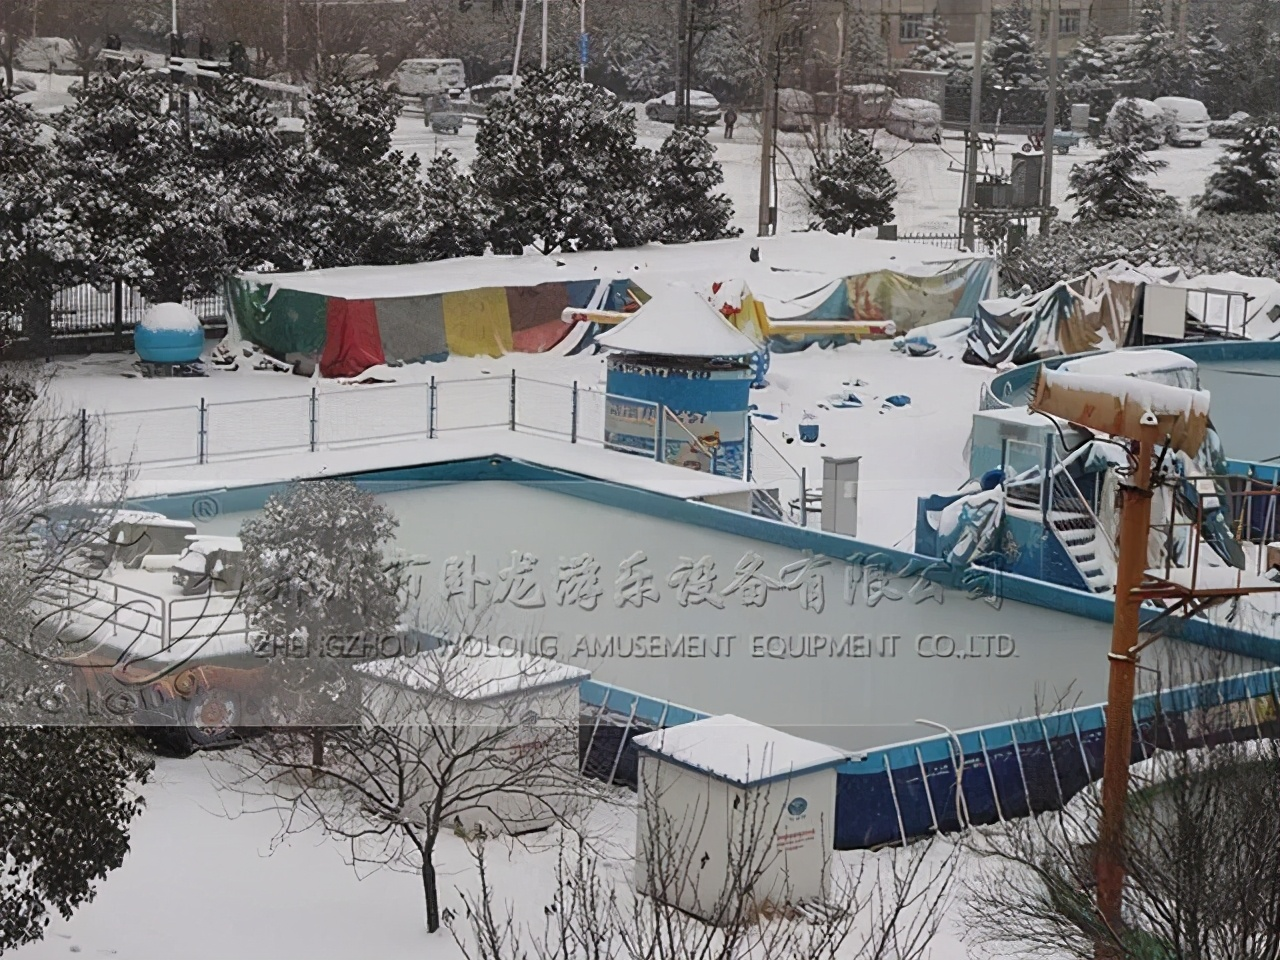 移动水上乐园支架水池冬季也有用武之地